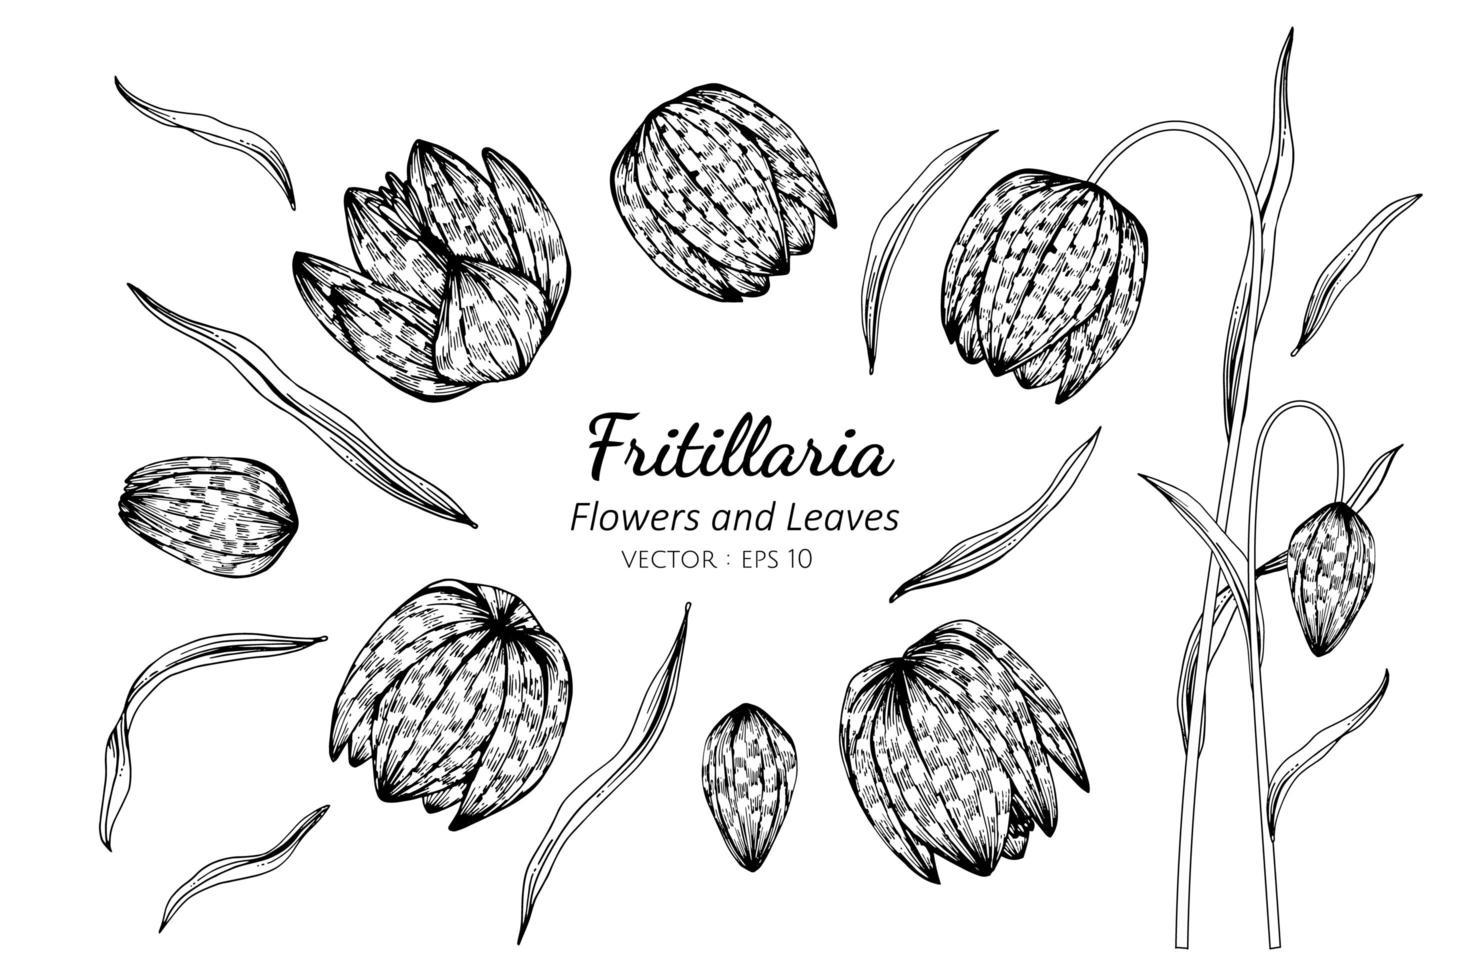 Sammlung von Fritillaria-Blüten und Blättern vektor